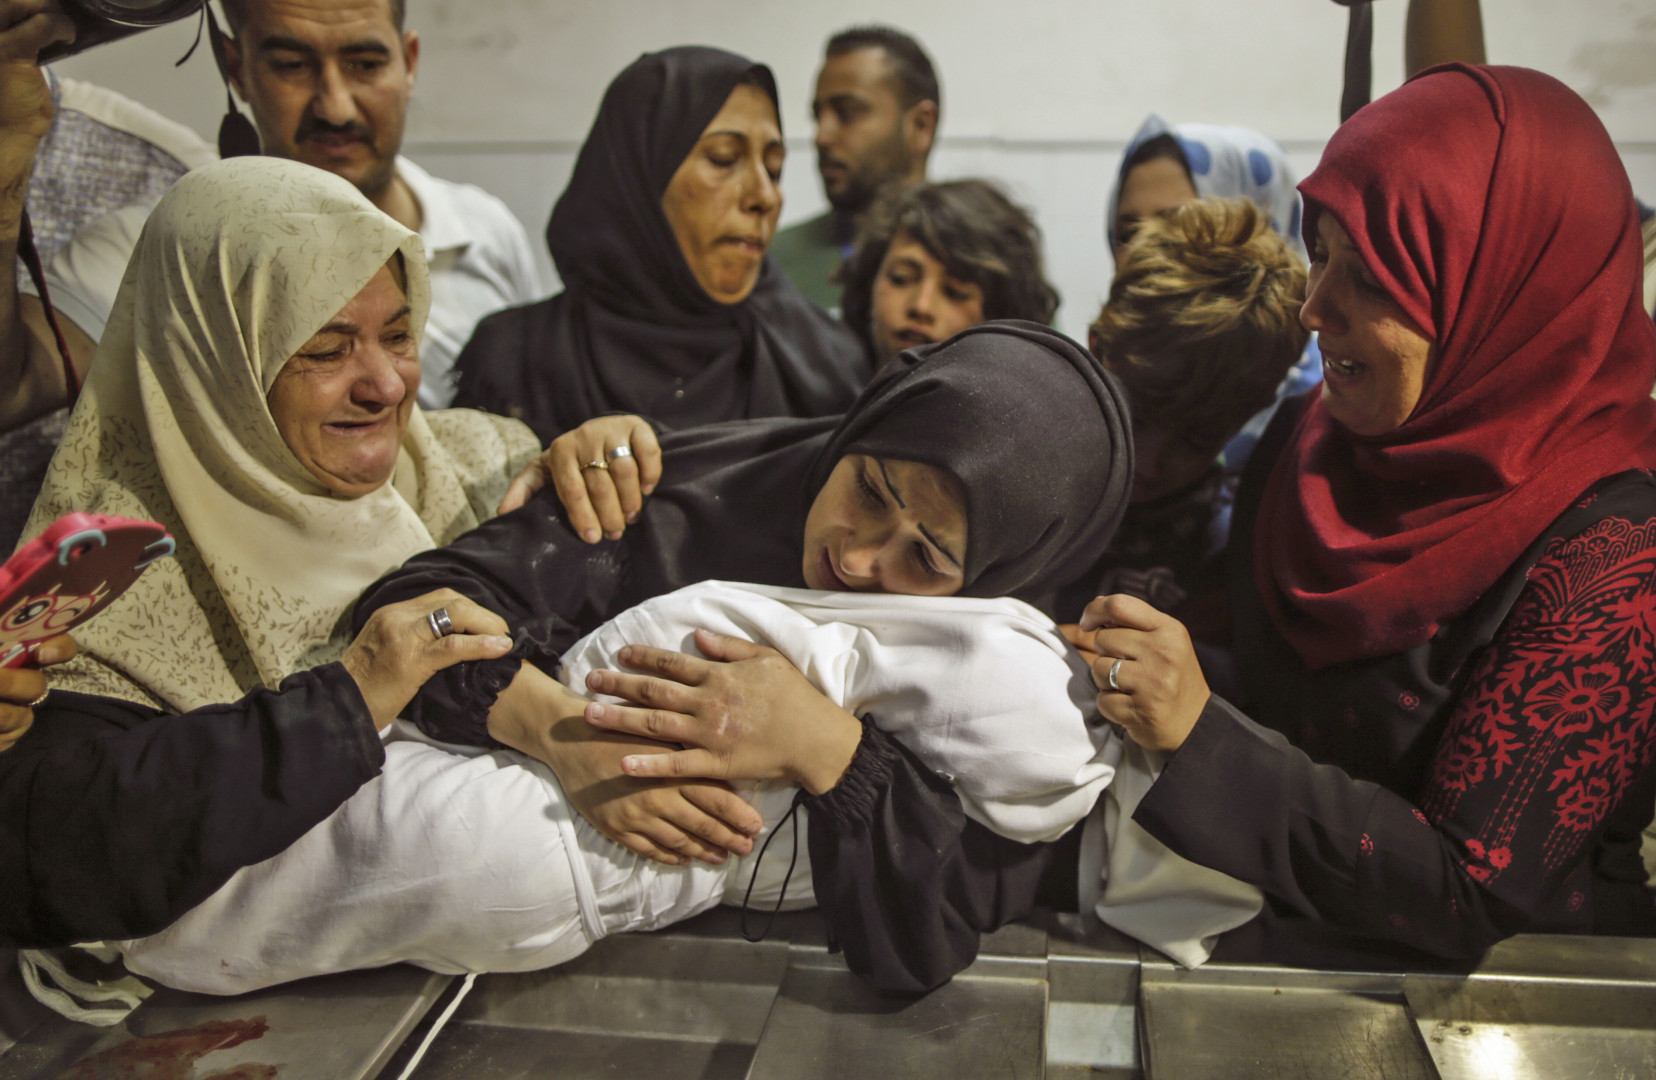 Un bébé de 8 mois est décédé après avoir inhalé du gaz lacrymogène pendant la manifestation palestinienne à Gaza lundi 14 mai 2018